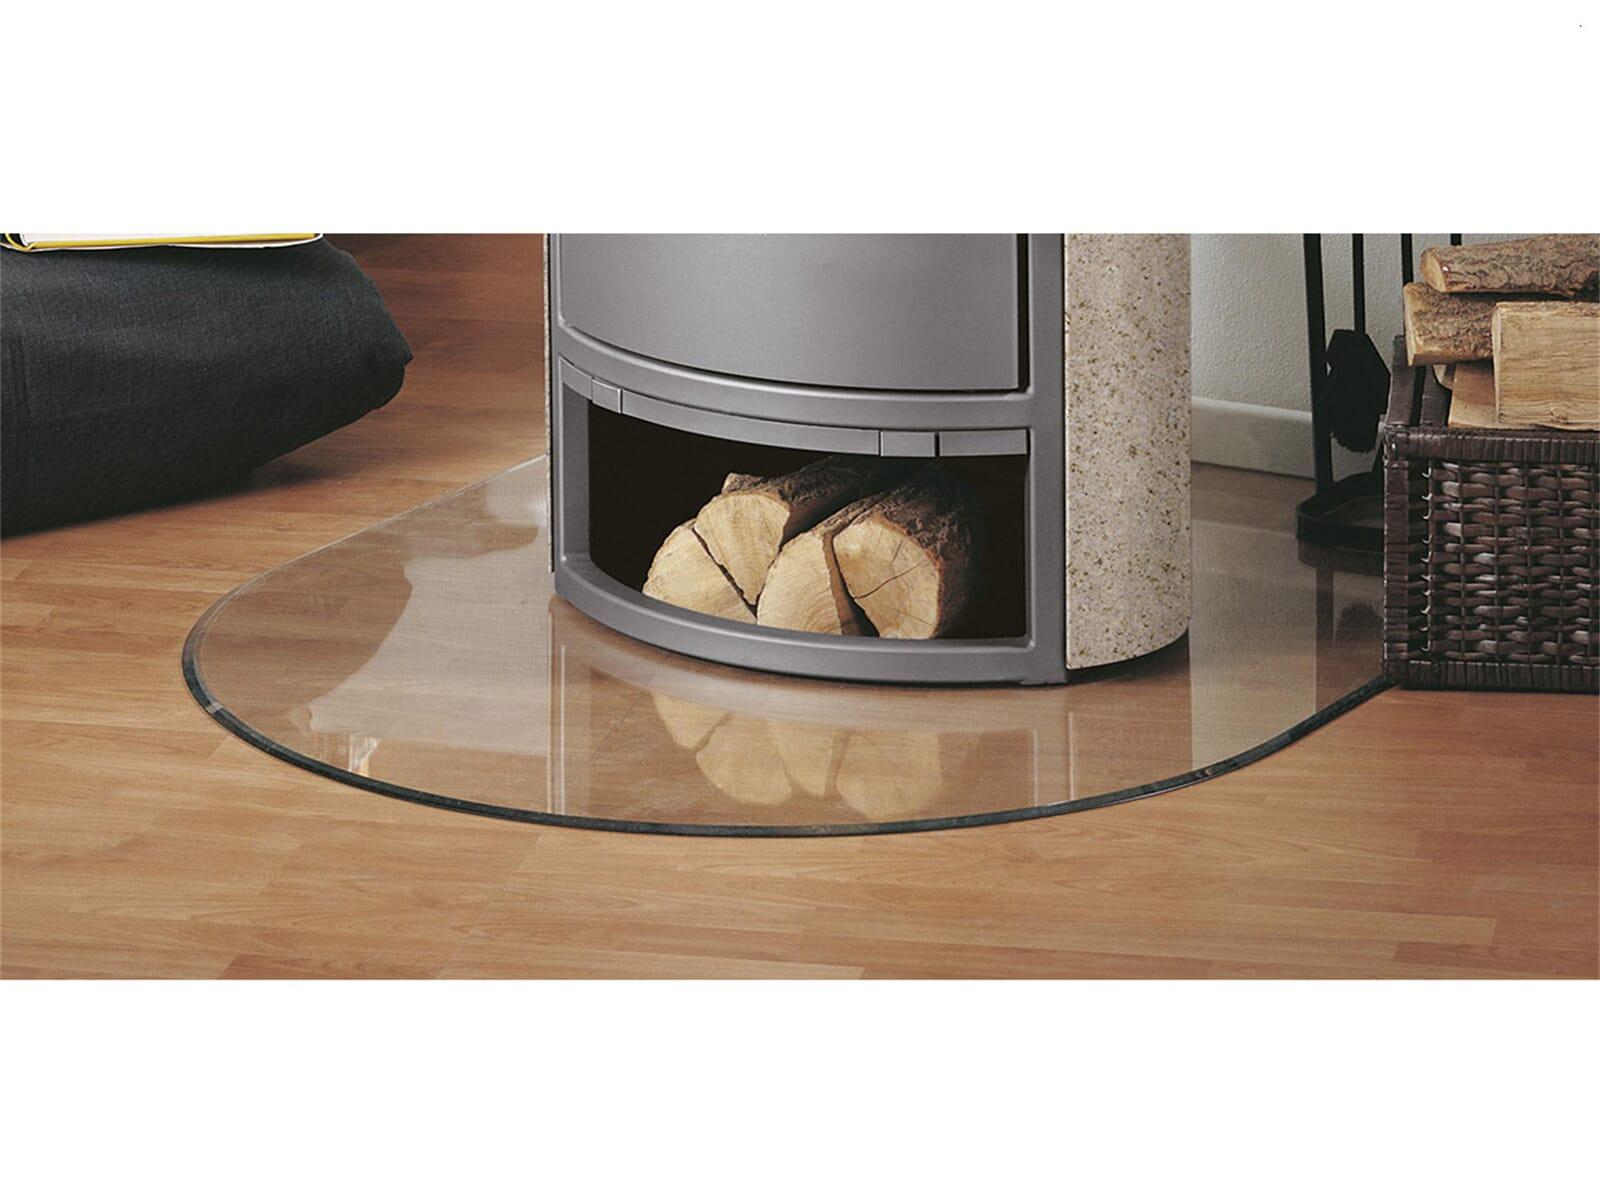 Justus Unterlegplatte Glas mit Loch B3 Rundbogen 9201 99